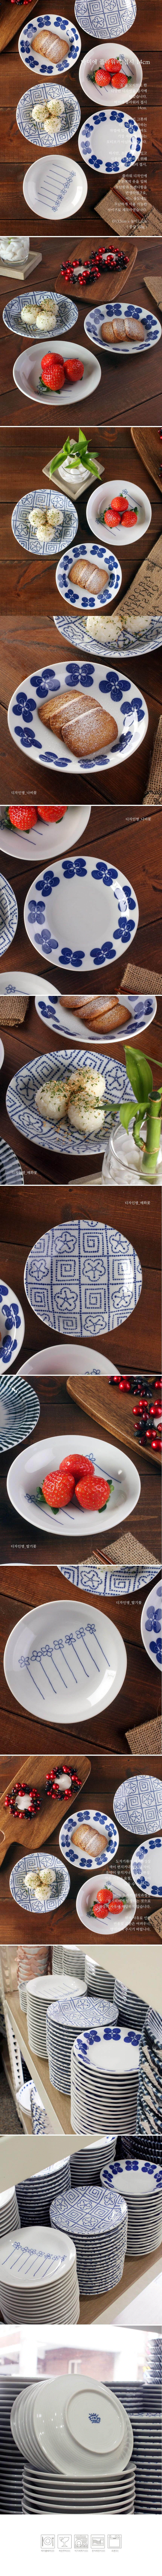 플라워리 접시 14cm - 로메이키친A, 3,900원, 접시/찬기, 접시